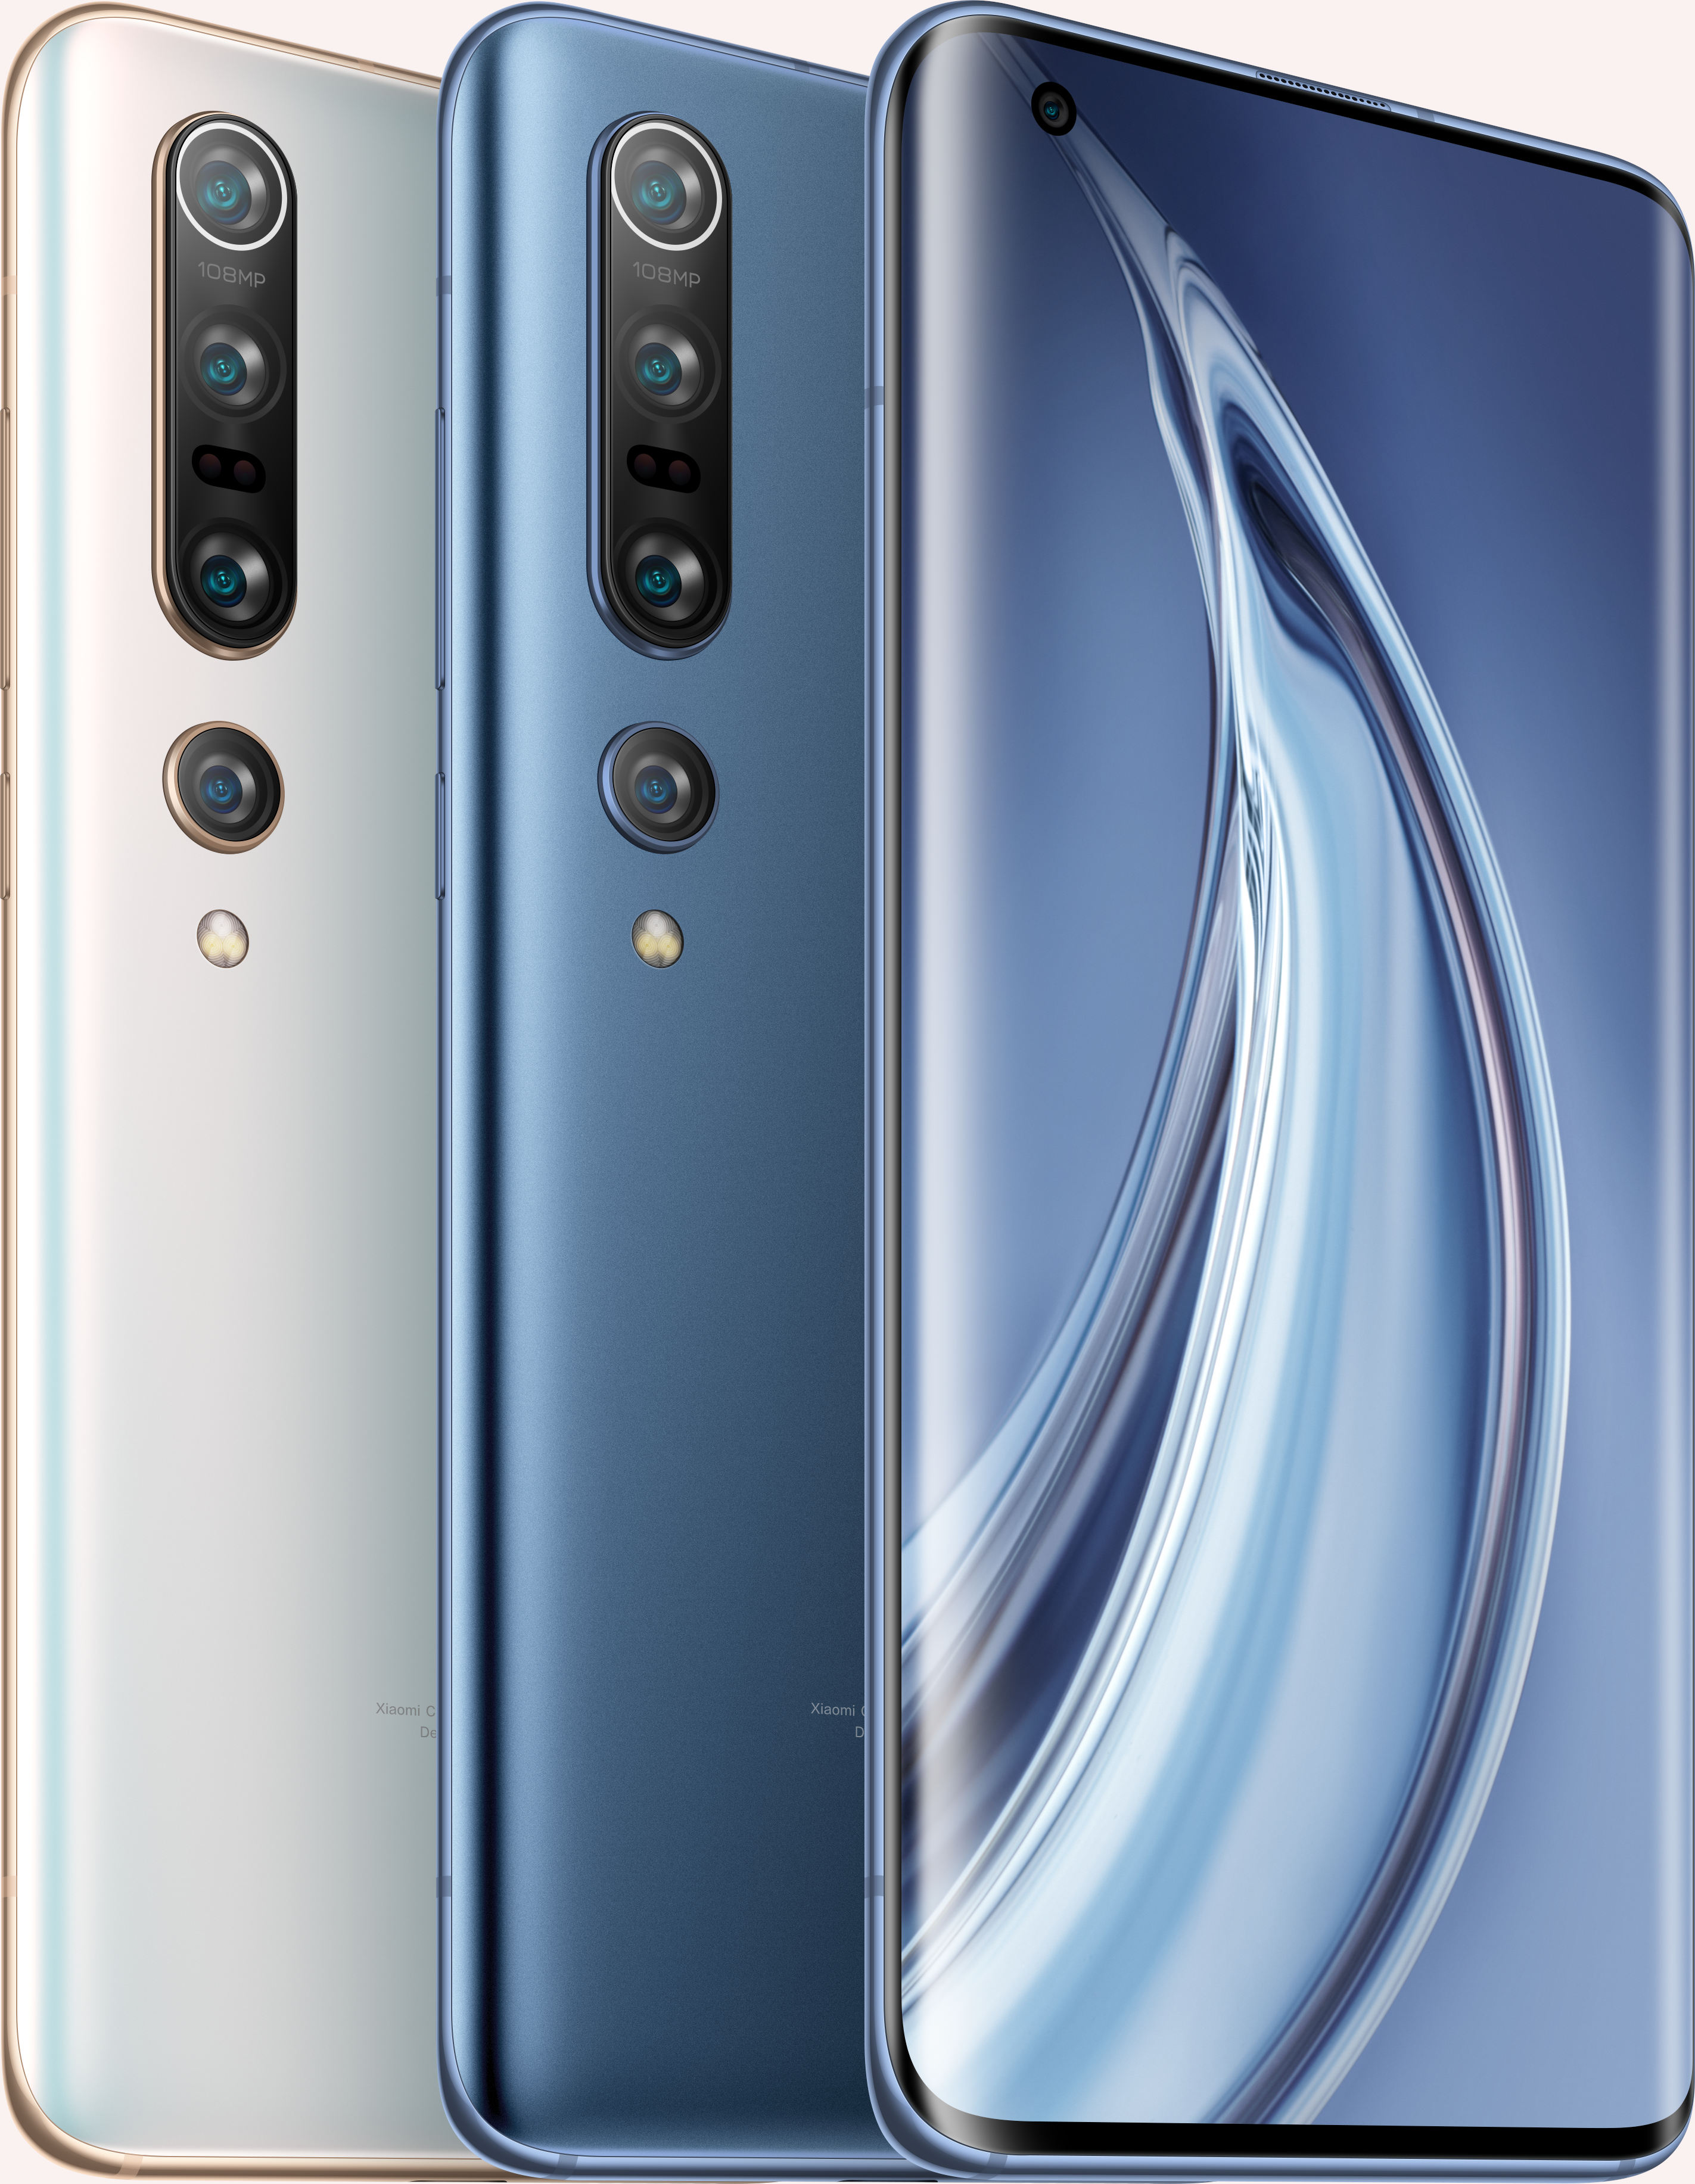 premiera Xiaomi Mi 10 Pro Global 5G cena specyfikacja dane techniczne gdzie kupić najtaniej w Polsce kiedy